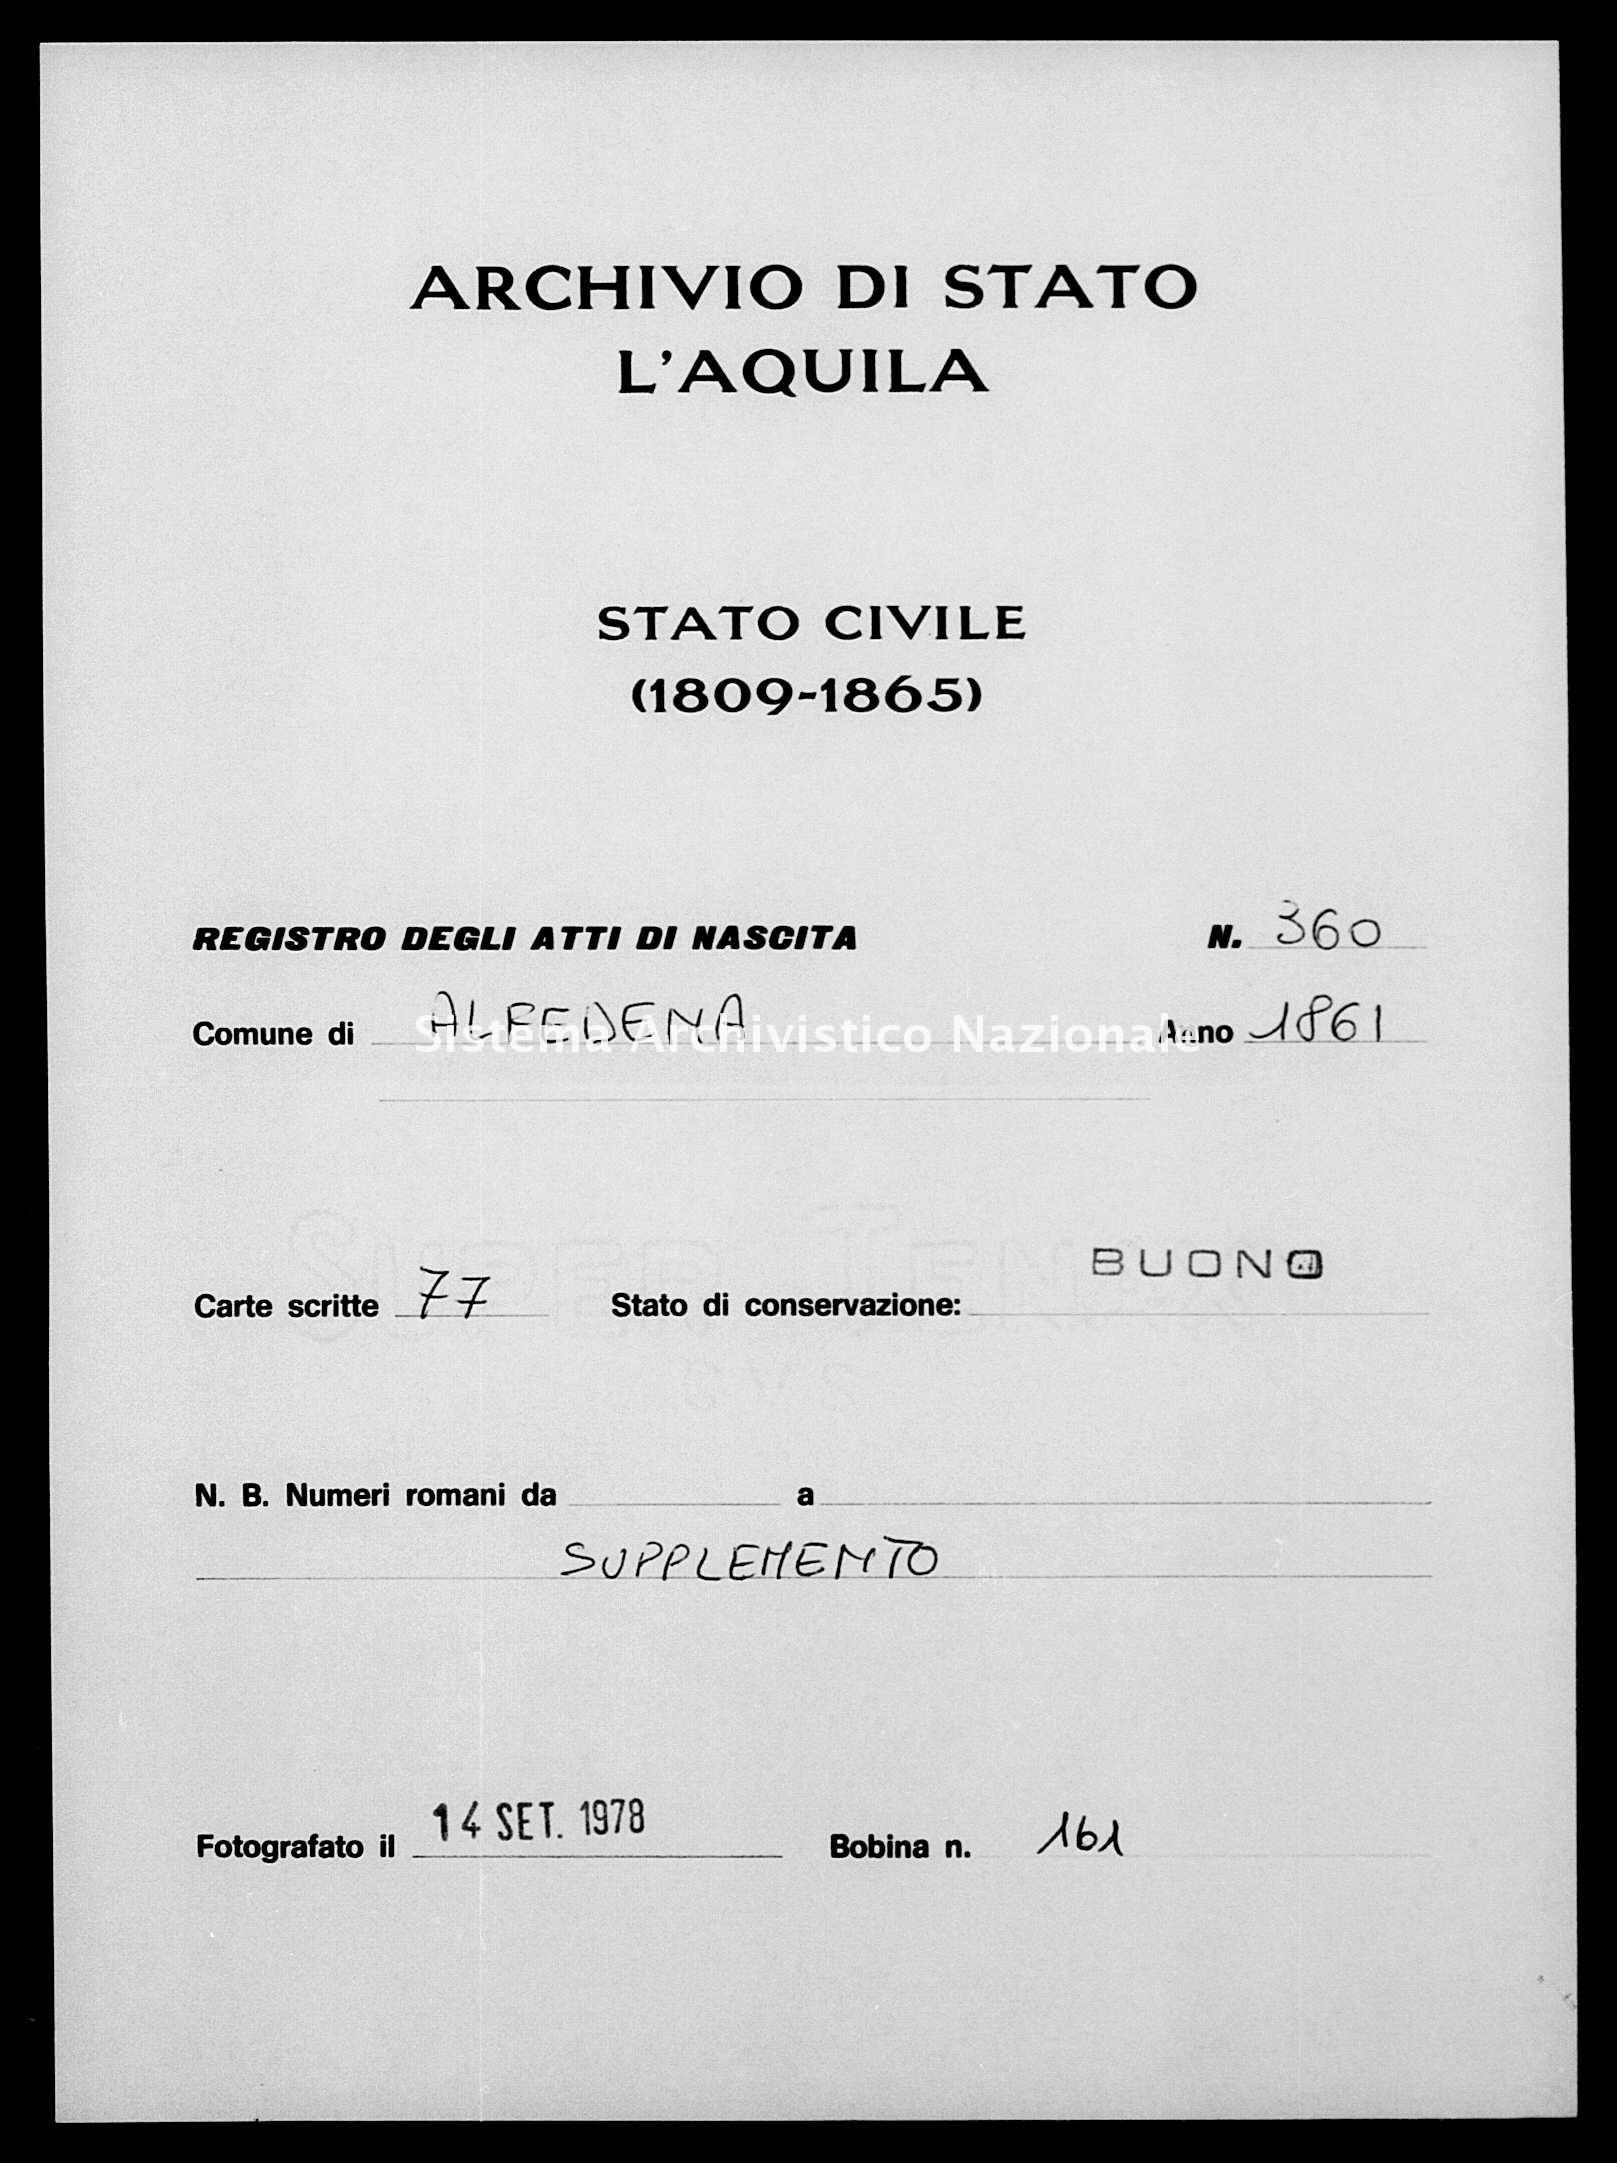 Archivio di stato di L'aquila - Stato civile italiano - Alfedena - Nati, battesimi - 1861 - 360 -